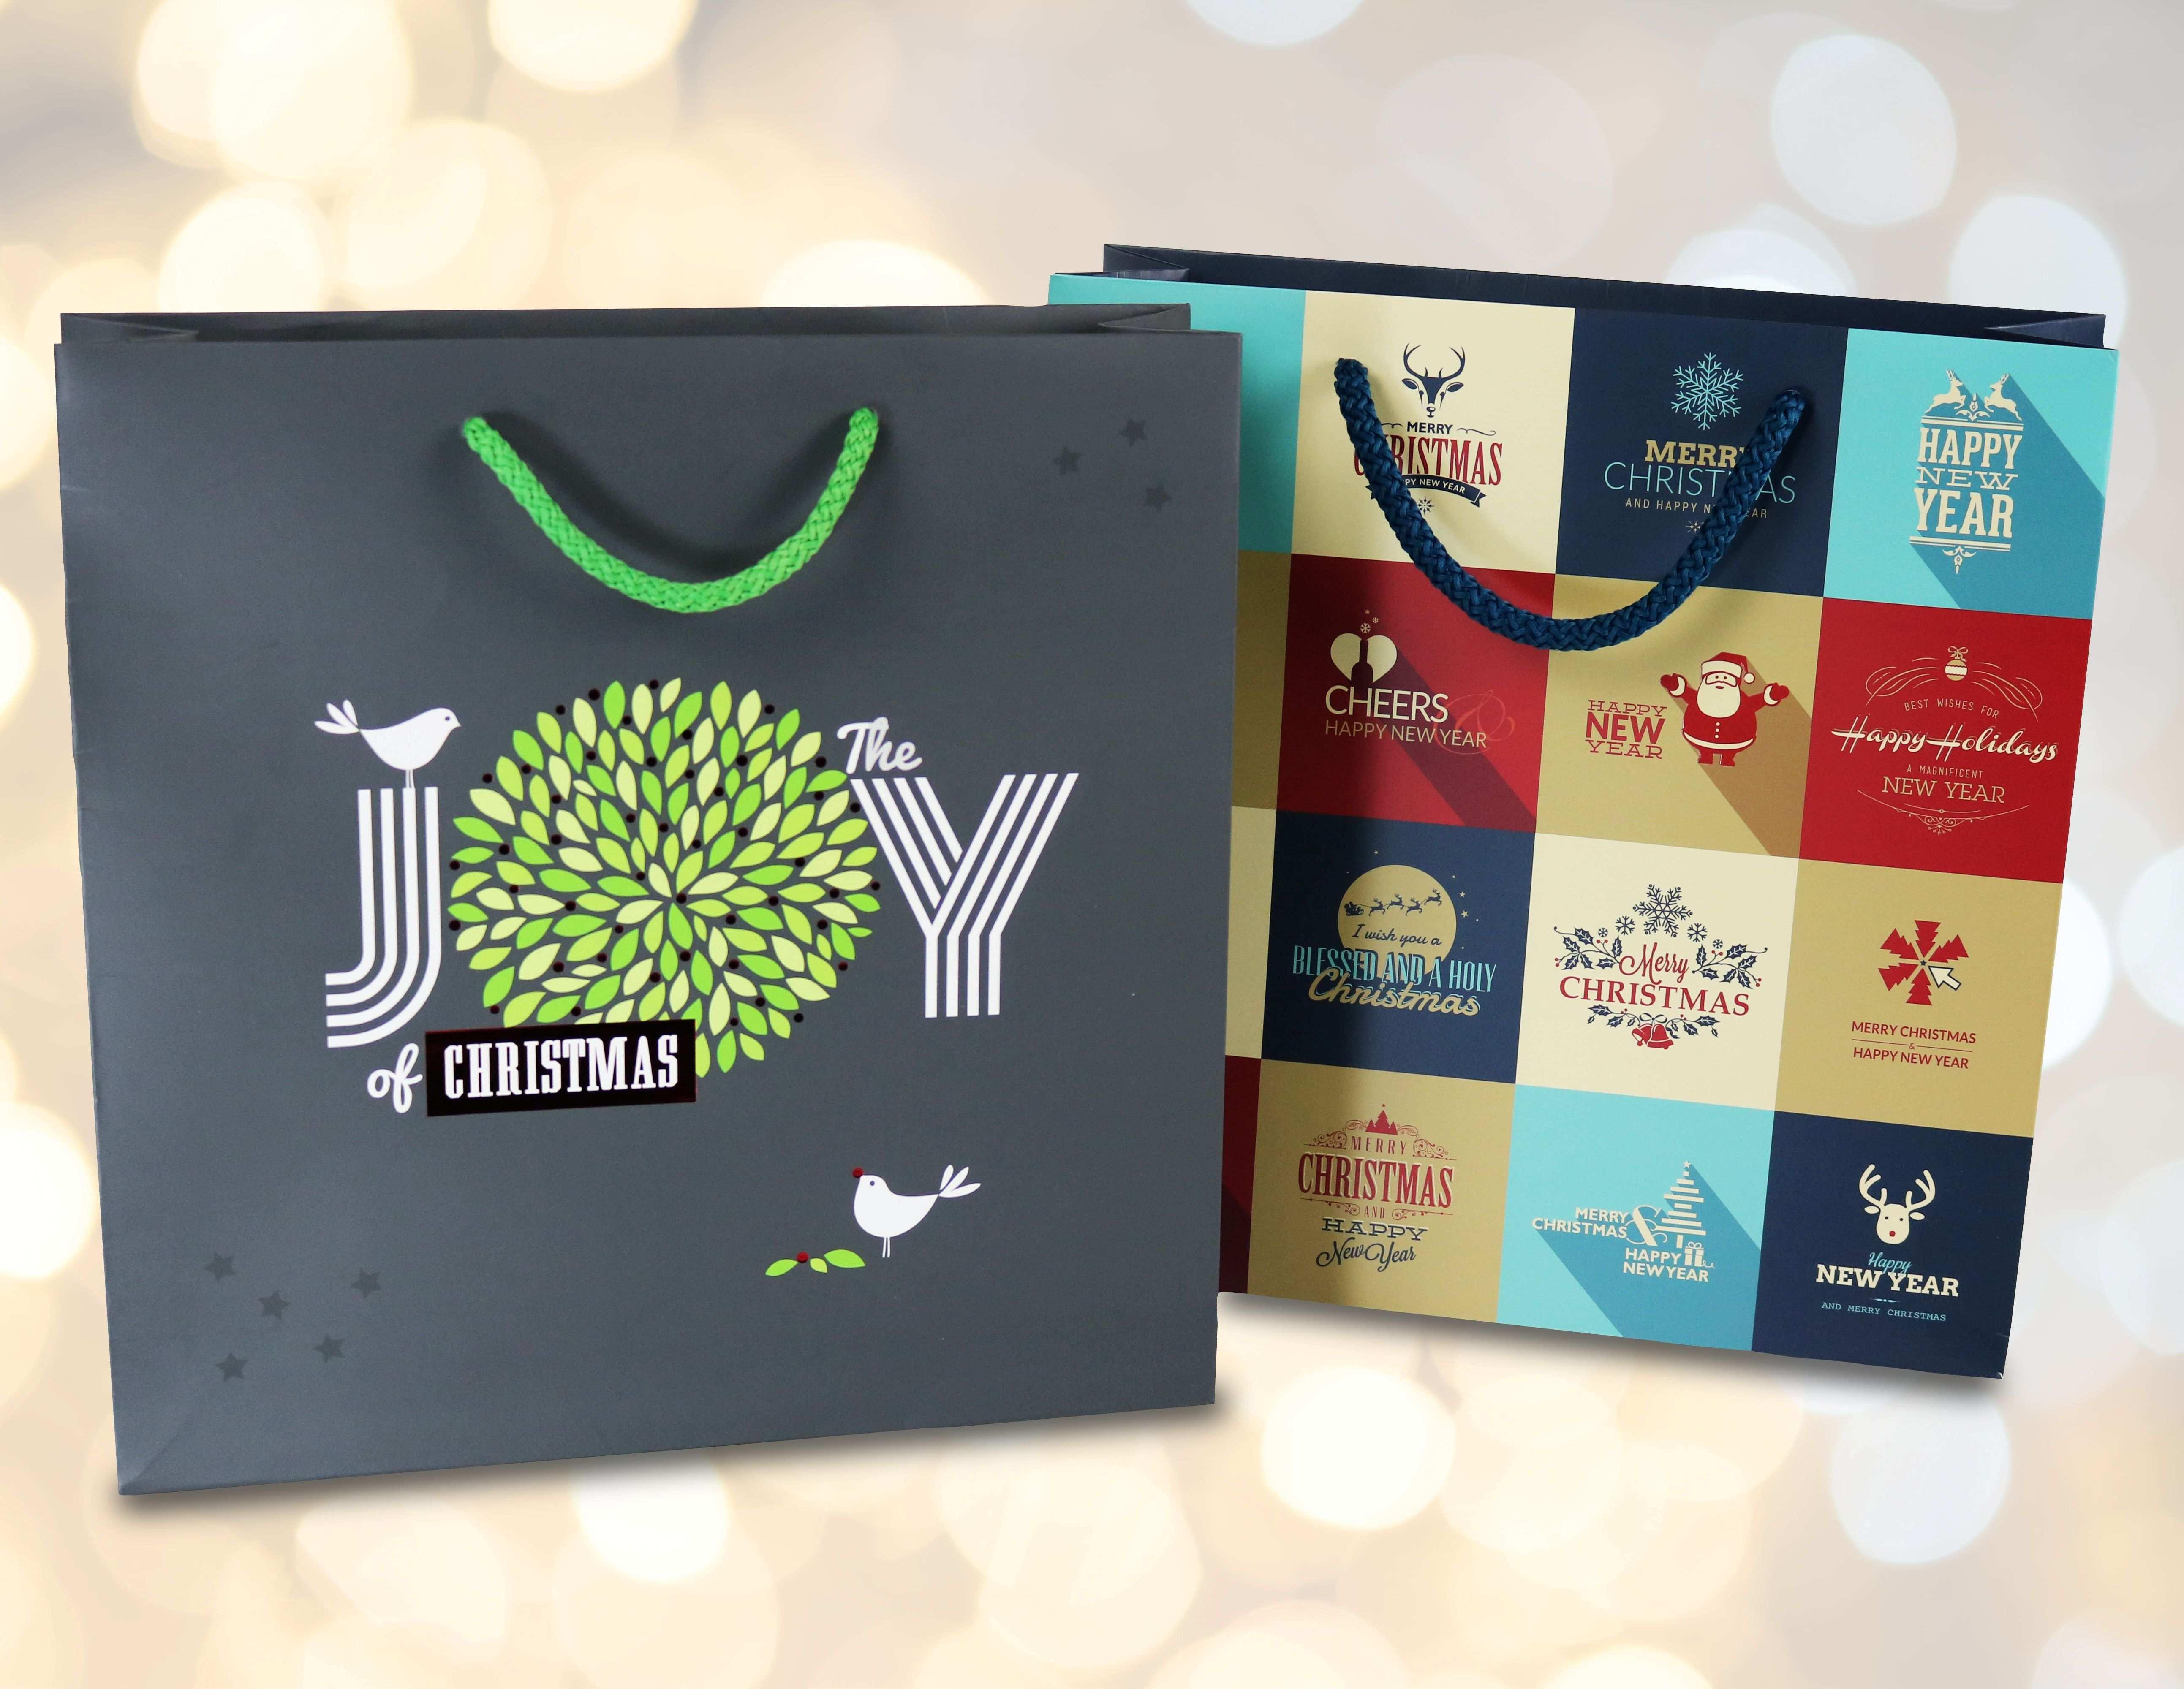 Zu Weihnachten In Passendem Design Bedruckte Papiertuten Papiertaschen Von Bags By Riedle Papiertaschen Papiertuten Papiertragetaschen